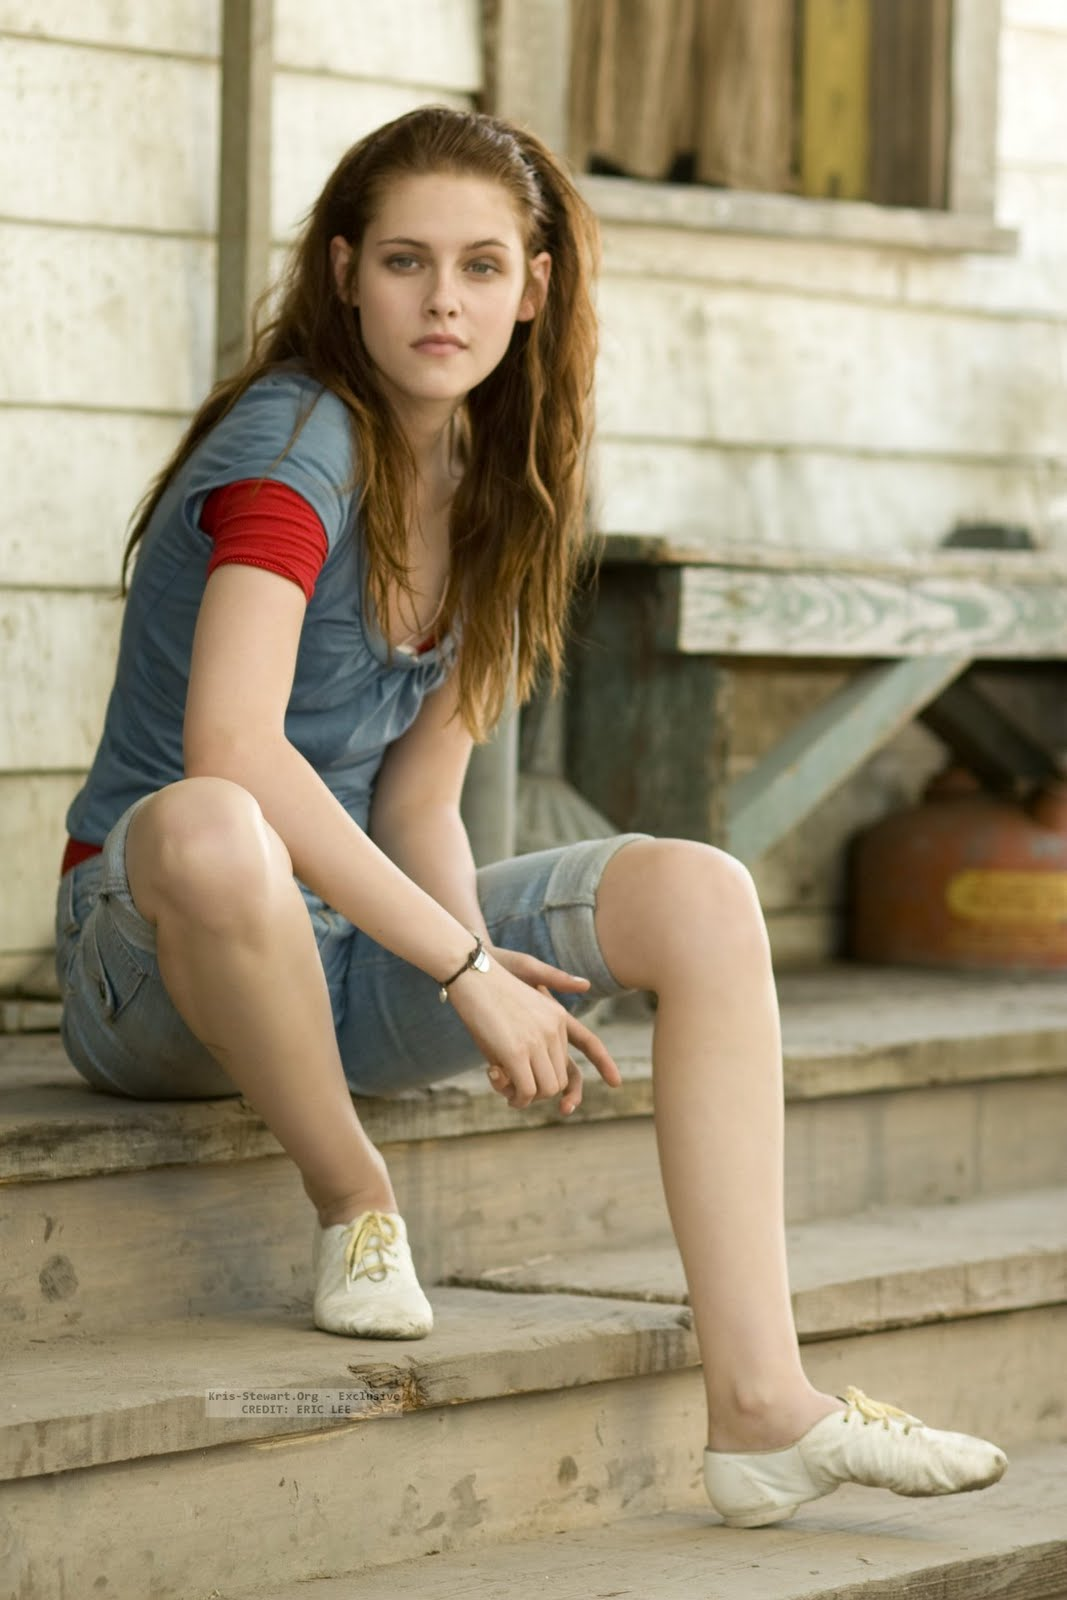 http://2.bp.blogspot.com/-qeiYxfGYVZc/TnHQXw3DyNI/AAAAAAAAABY/eNZ4I4Xo2wE/s1600/Kristen-Stewart-at-Home.jpg